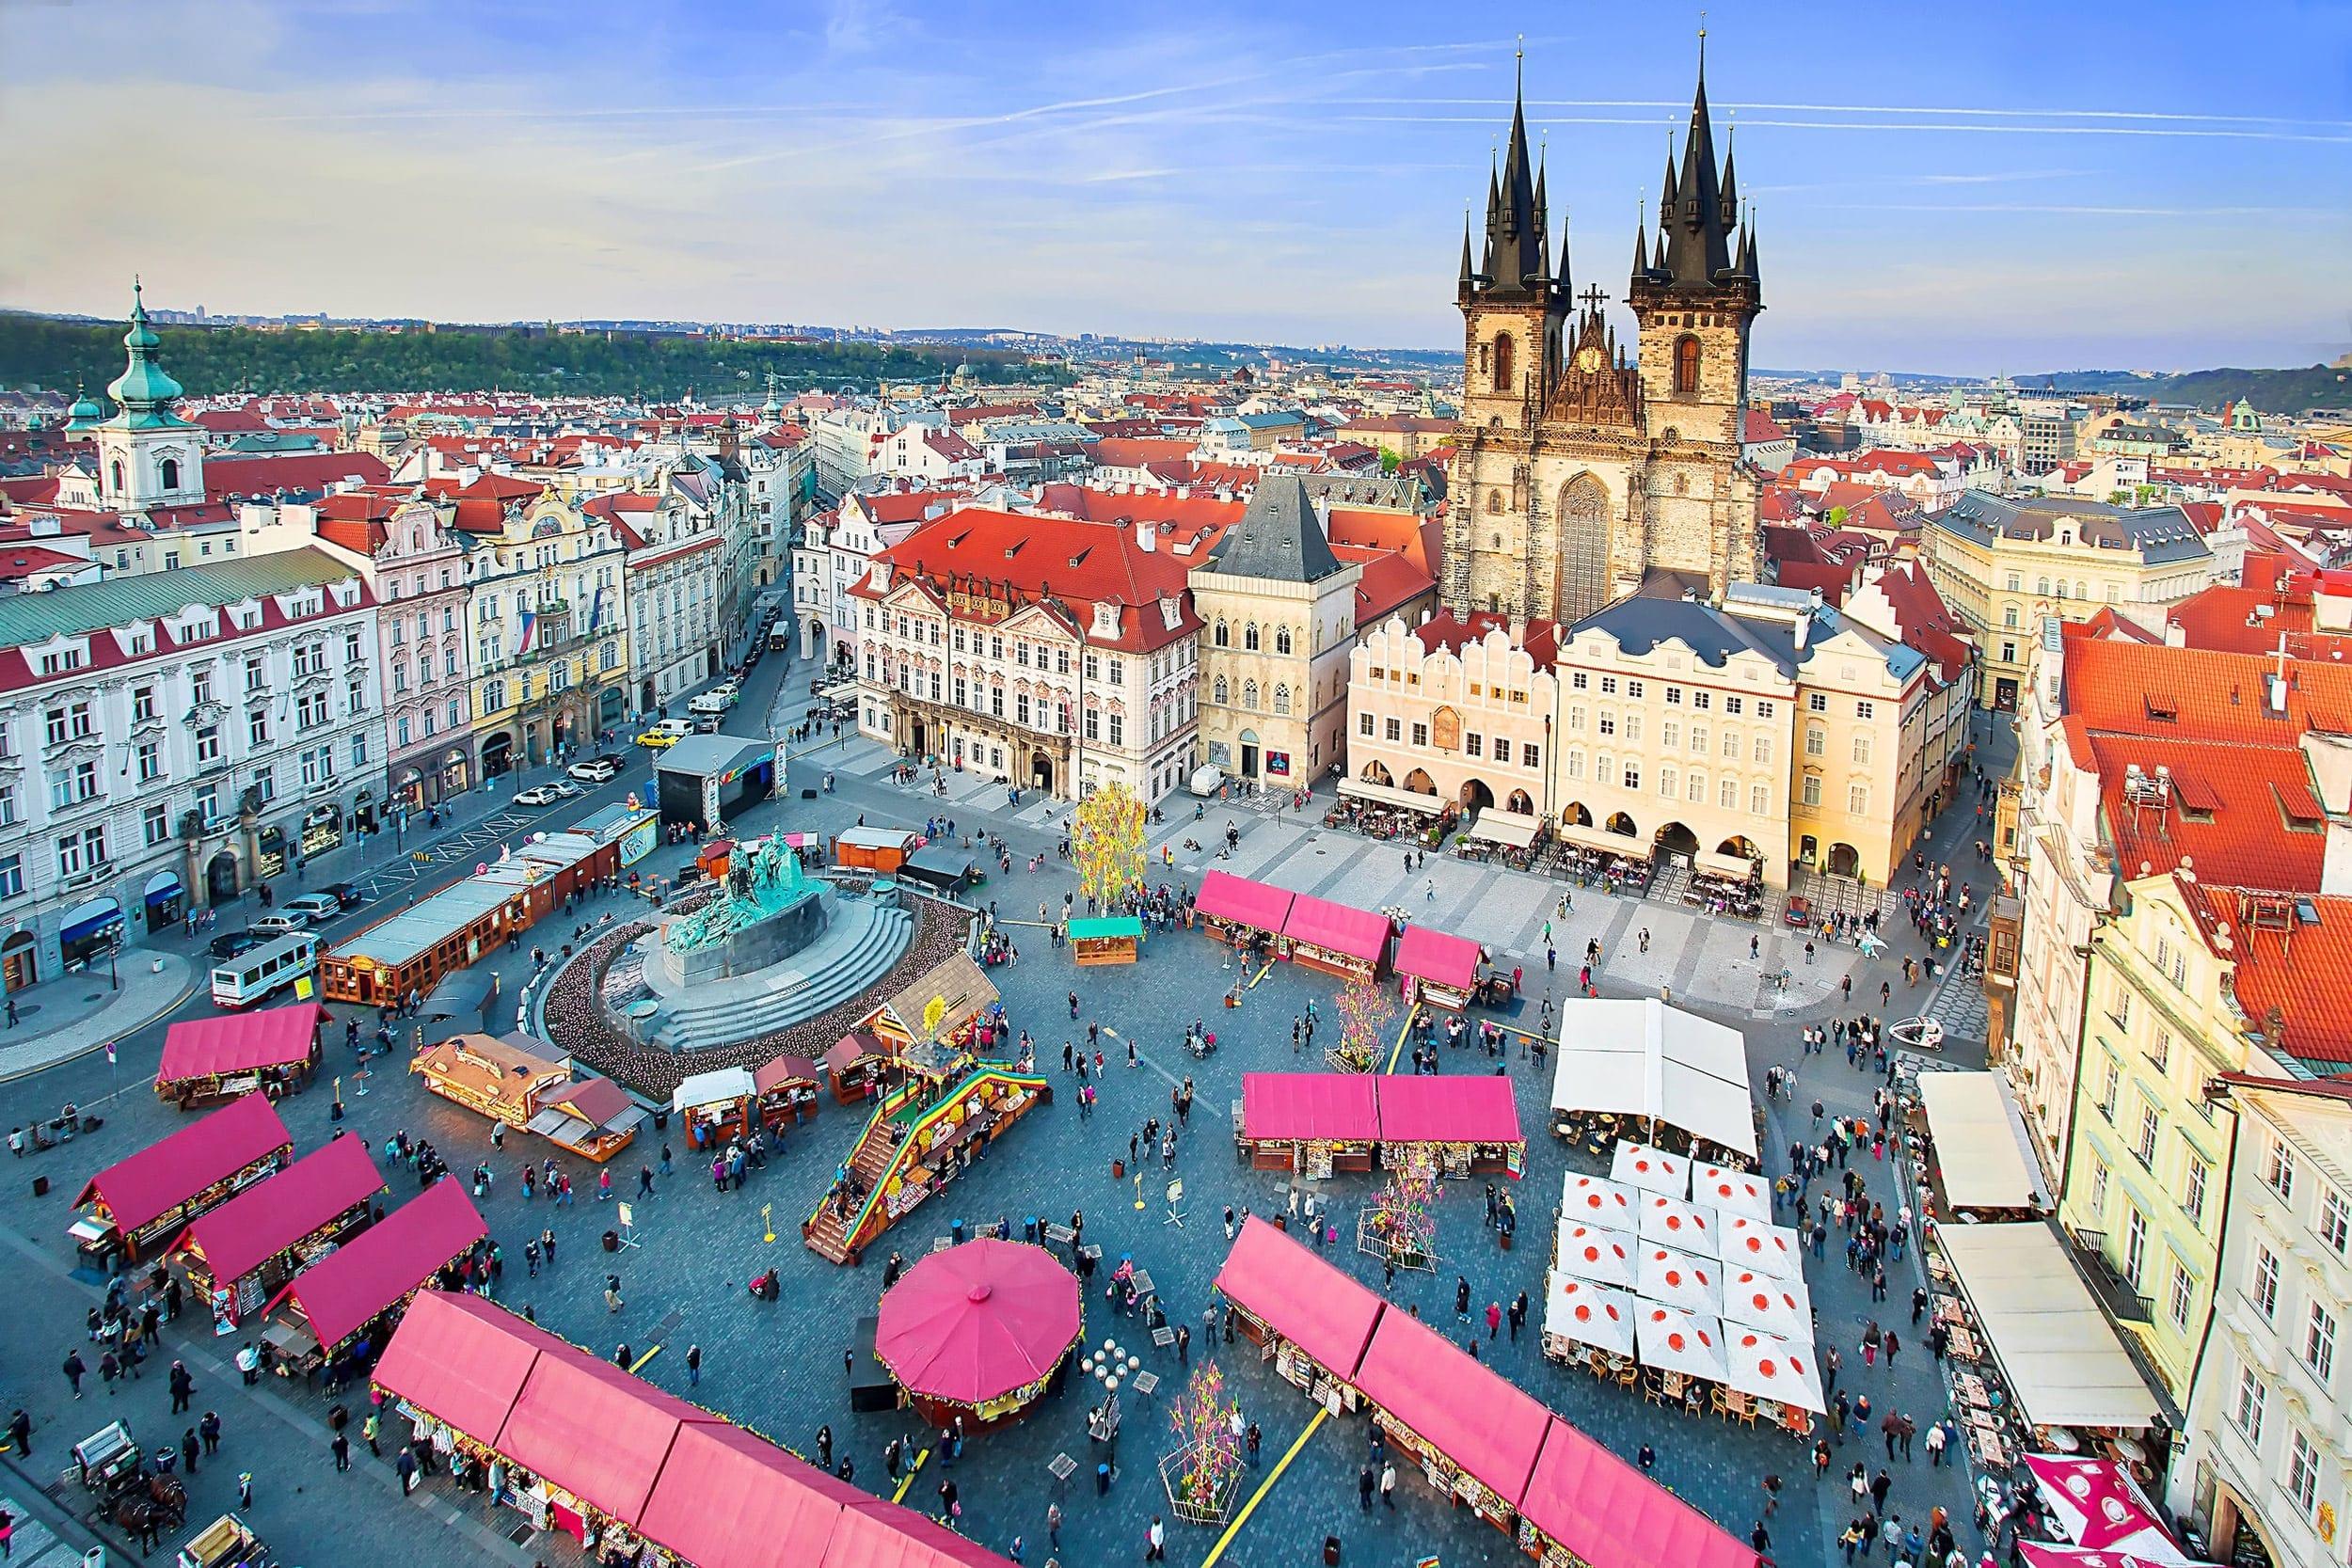 Goedkope stedentrip Europa